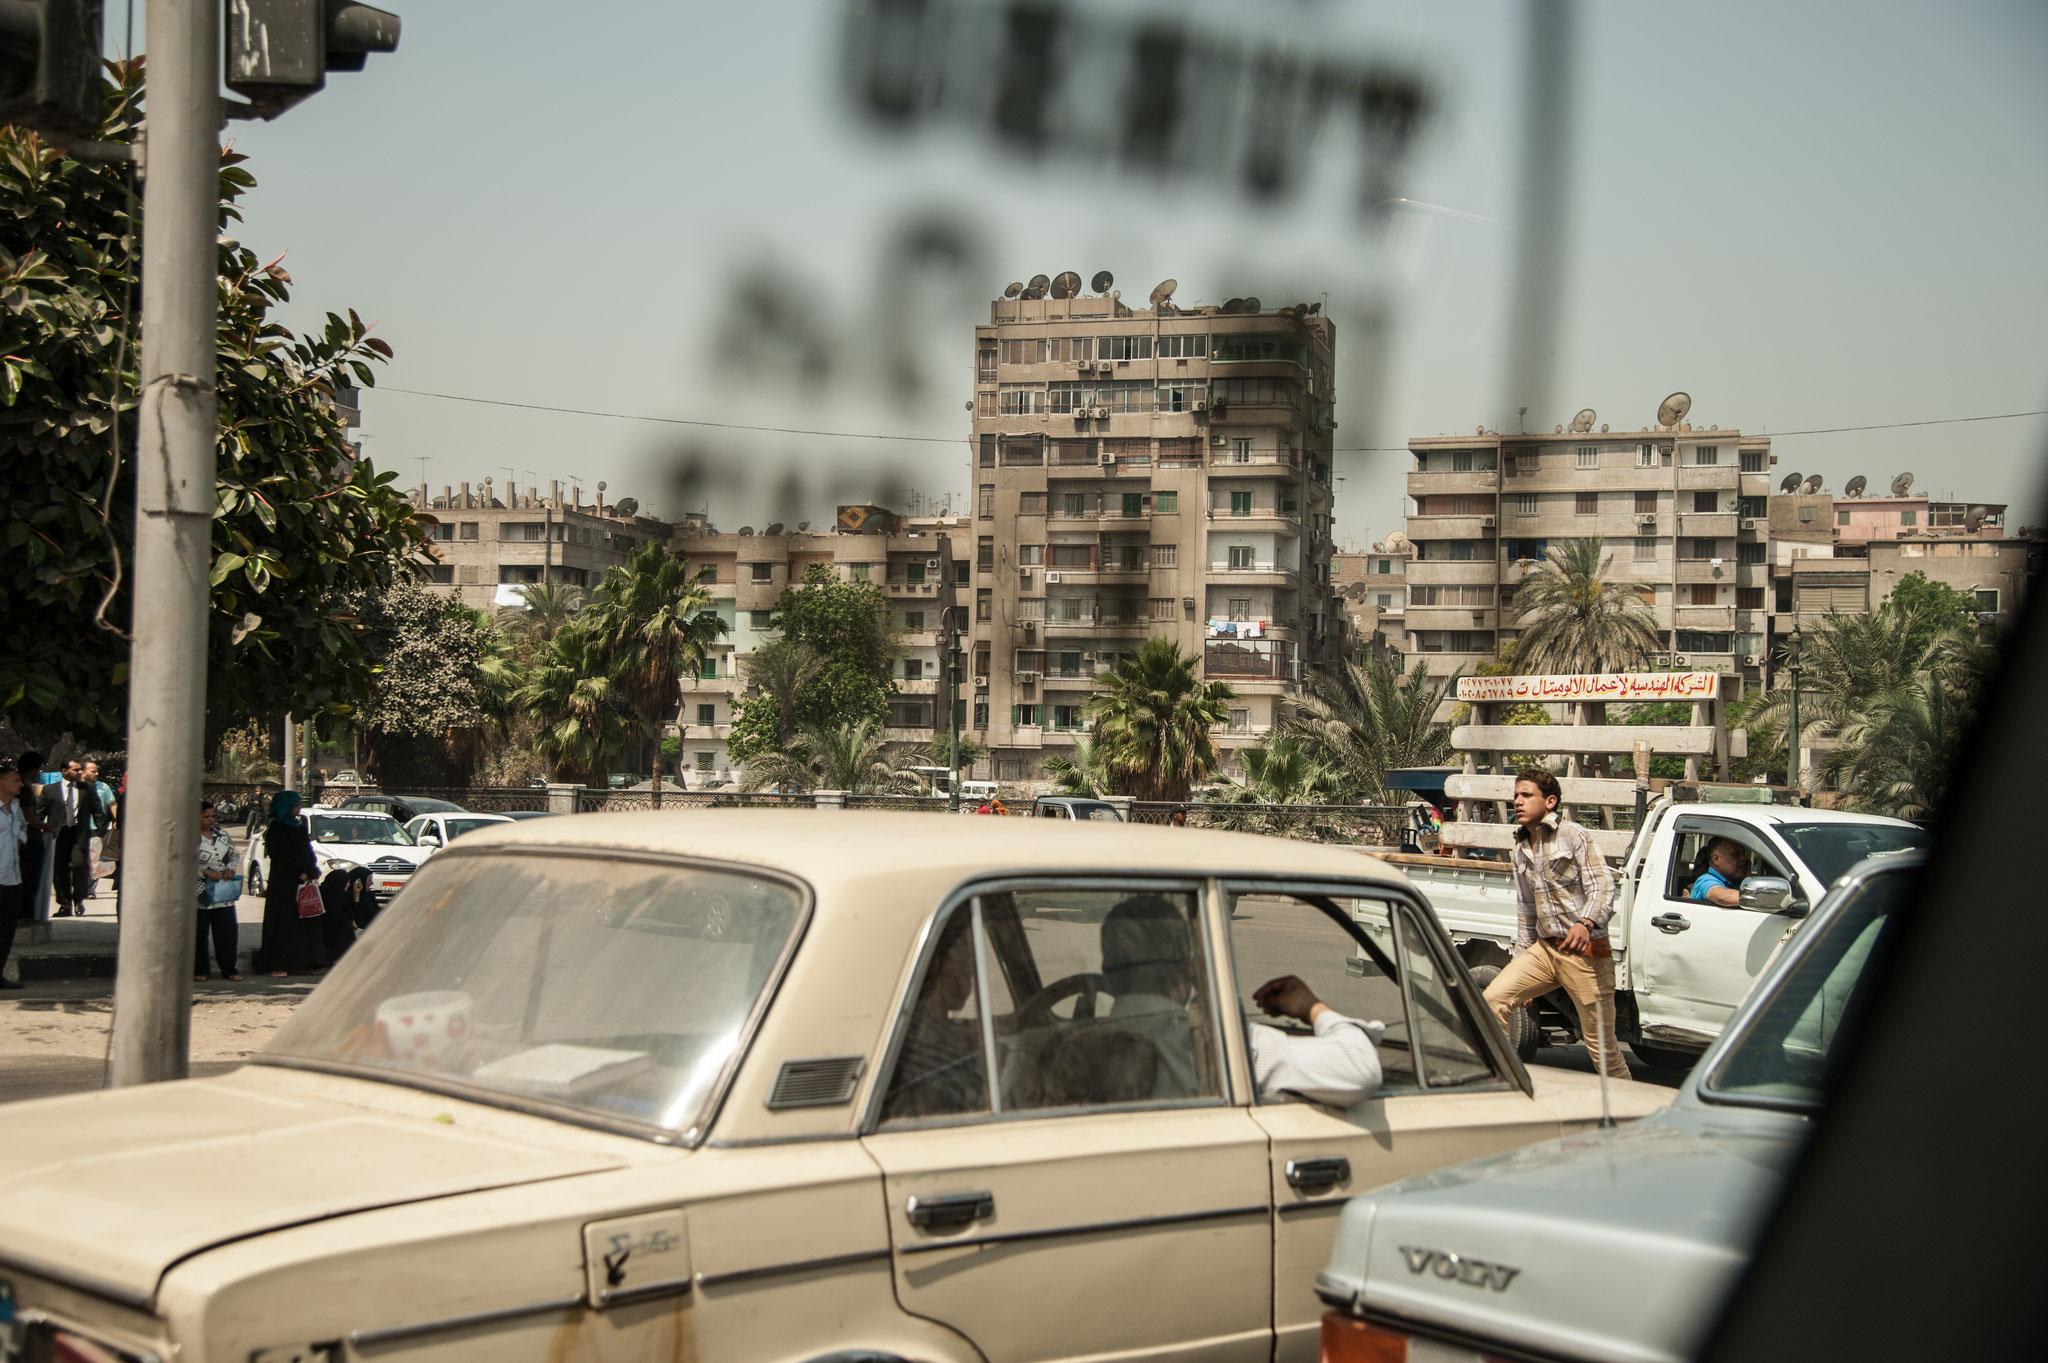 // ADOPTEE PAR KEVIN & MAITE // 40x60 cm - Egypte